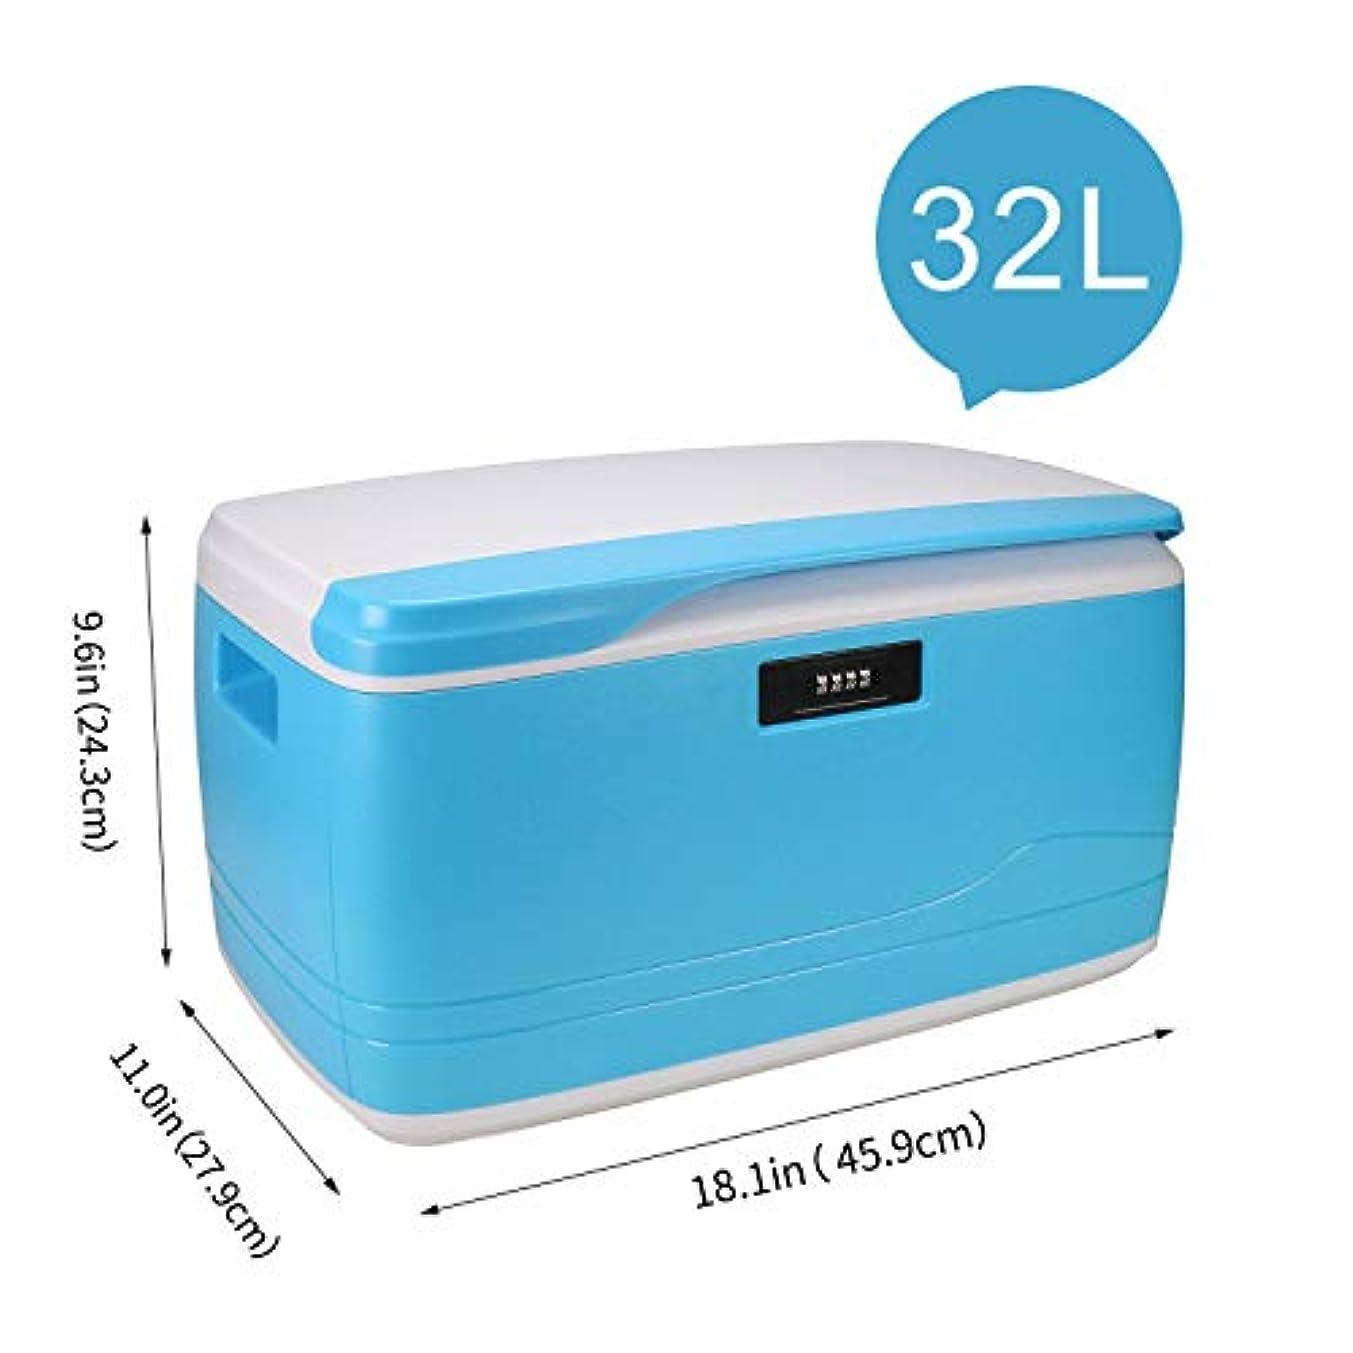 母性妻キャンディー32L収納ボックス 家庭用またはオフィス用 ロック可能および積み重ね可能、持続的な衝撃、熱および化学薬品 番号コード付きロックを特長とする安全な保管容器